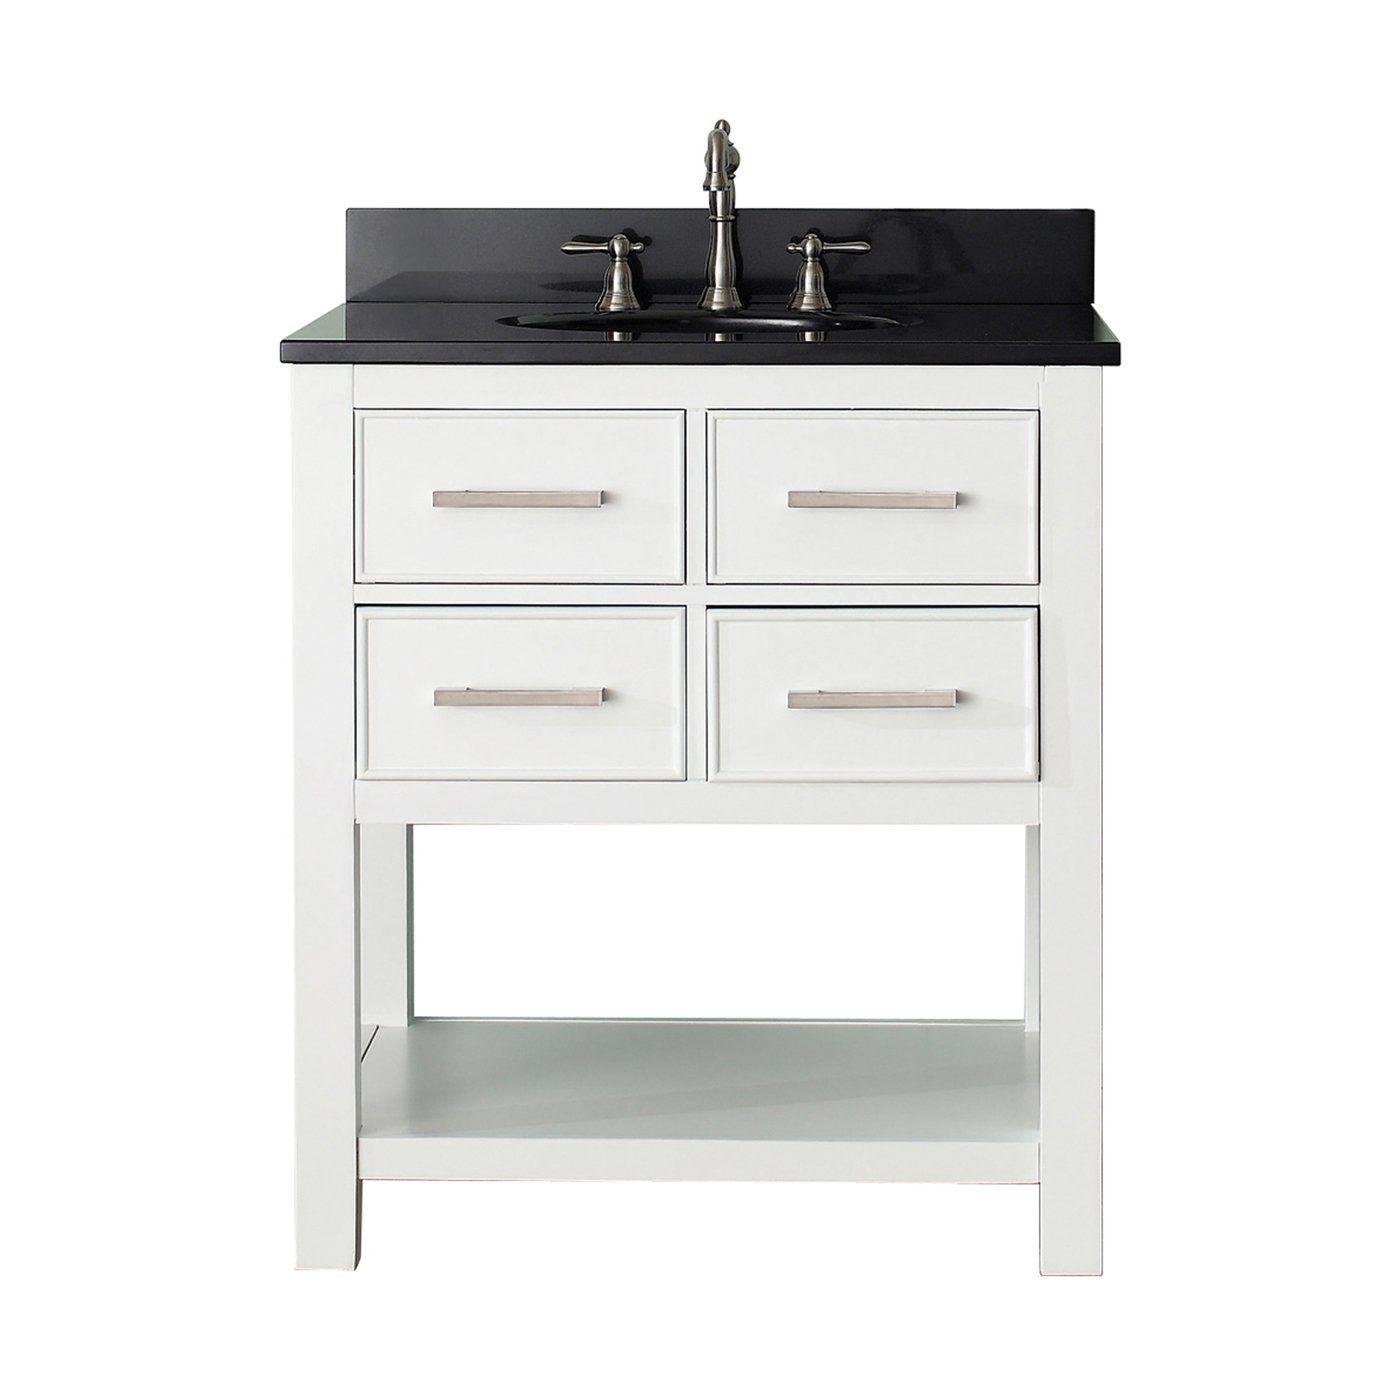 shop avanity brooks vs brooks bathroom vanity combo at on lowes vanity id=91436